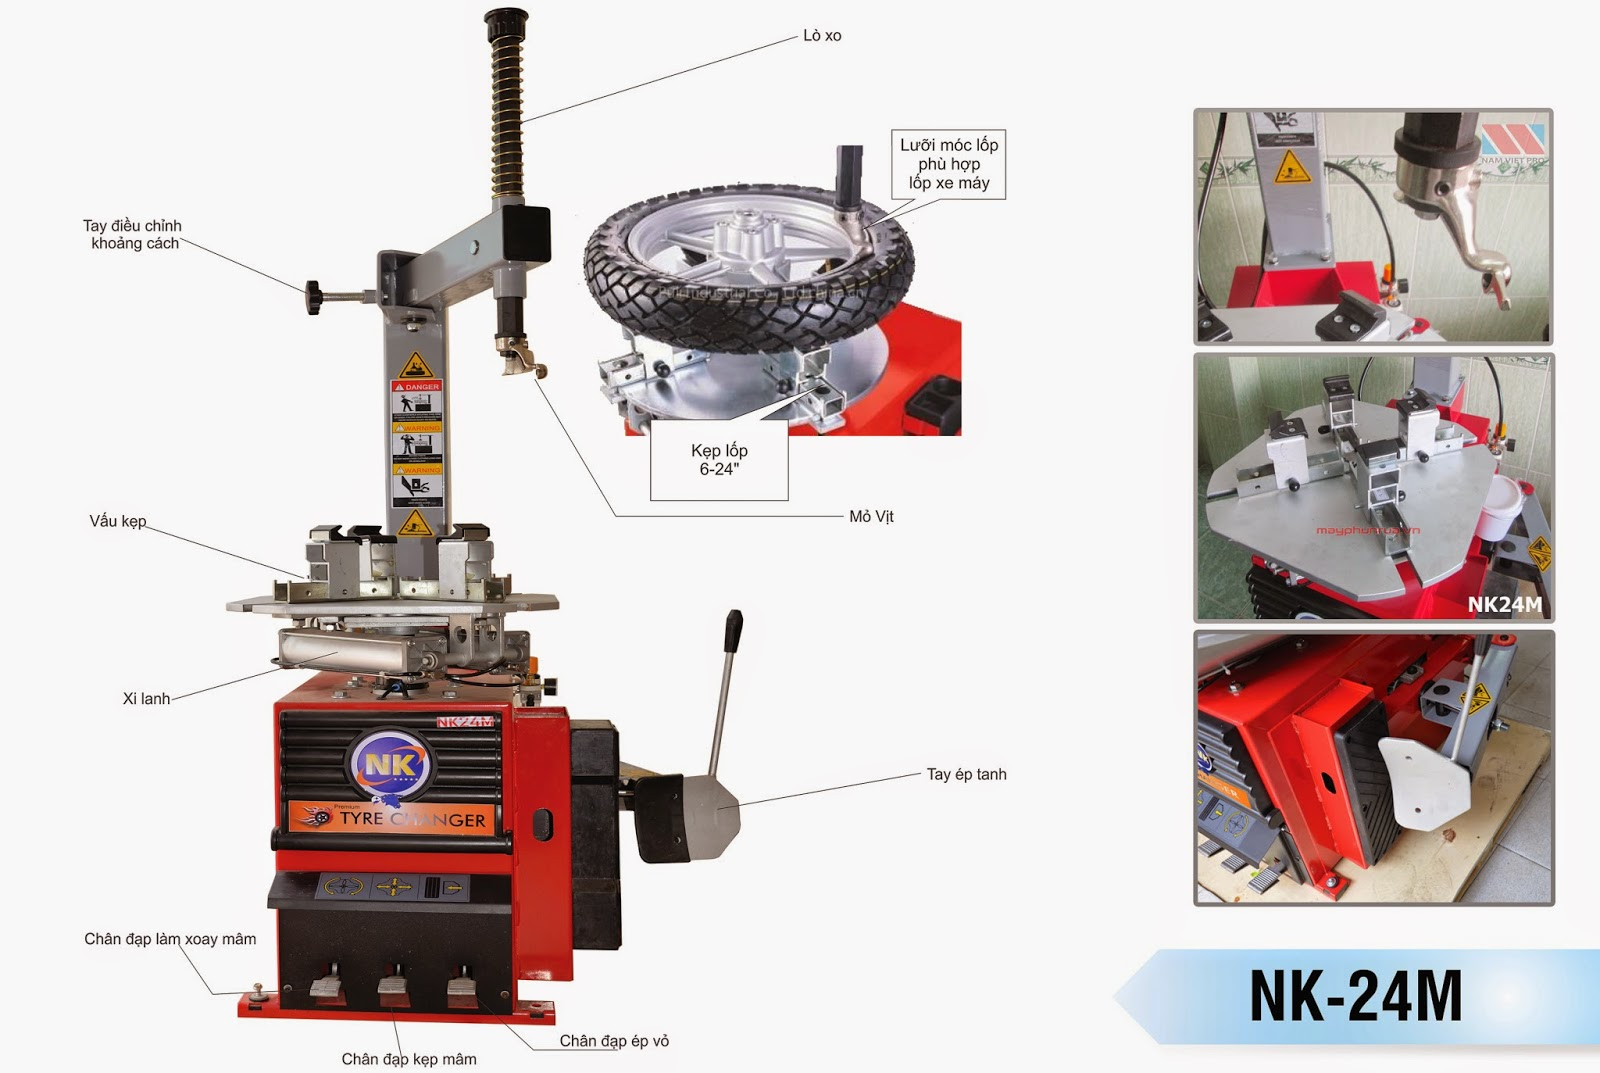 Máy ra vào vỏ, Máy tháo vỏ chuyên dùng xe tay ga NK24M